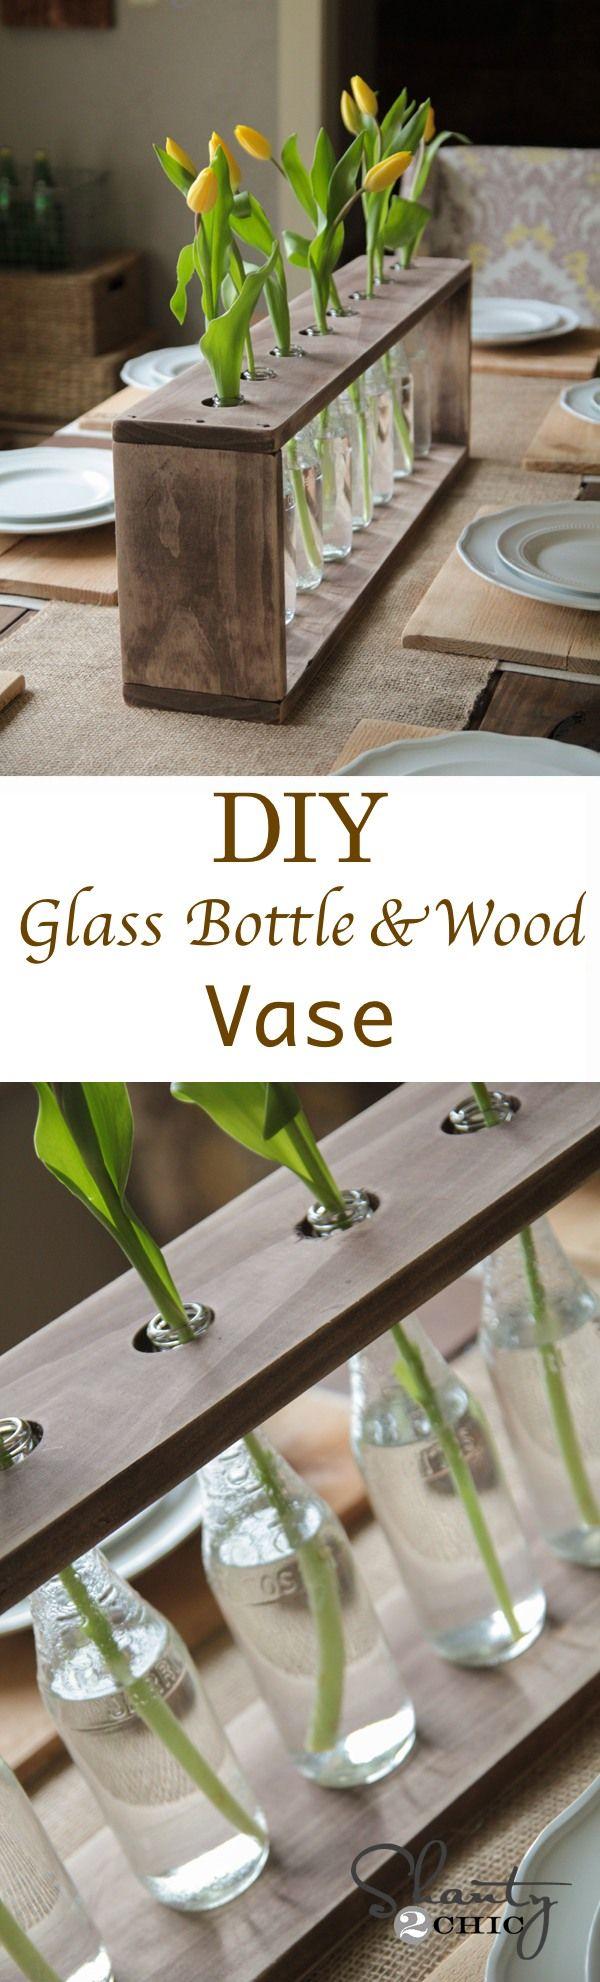 DIY Glass Bottle & Wood Vase